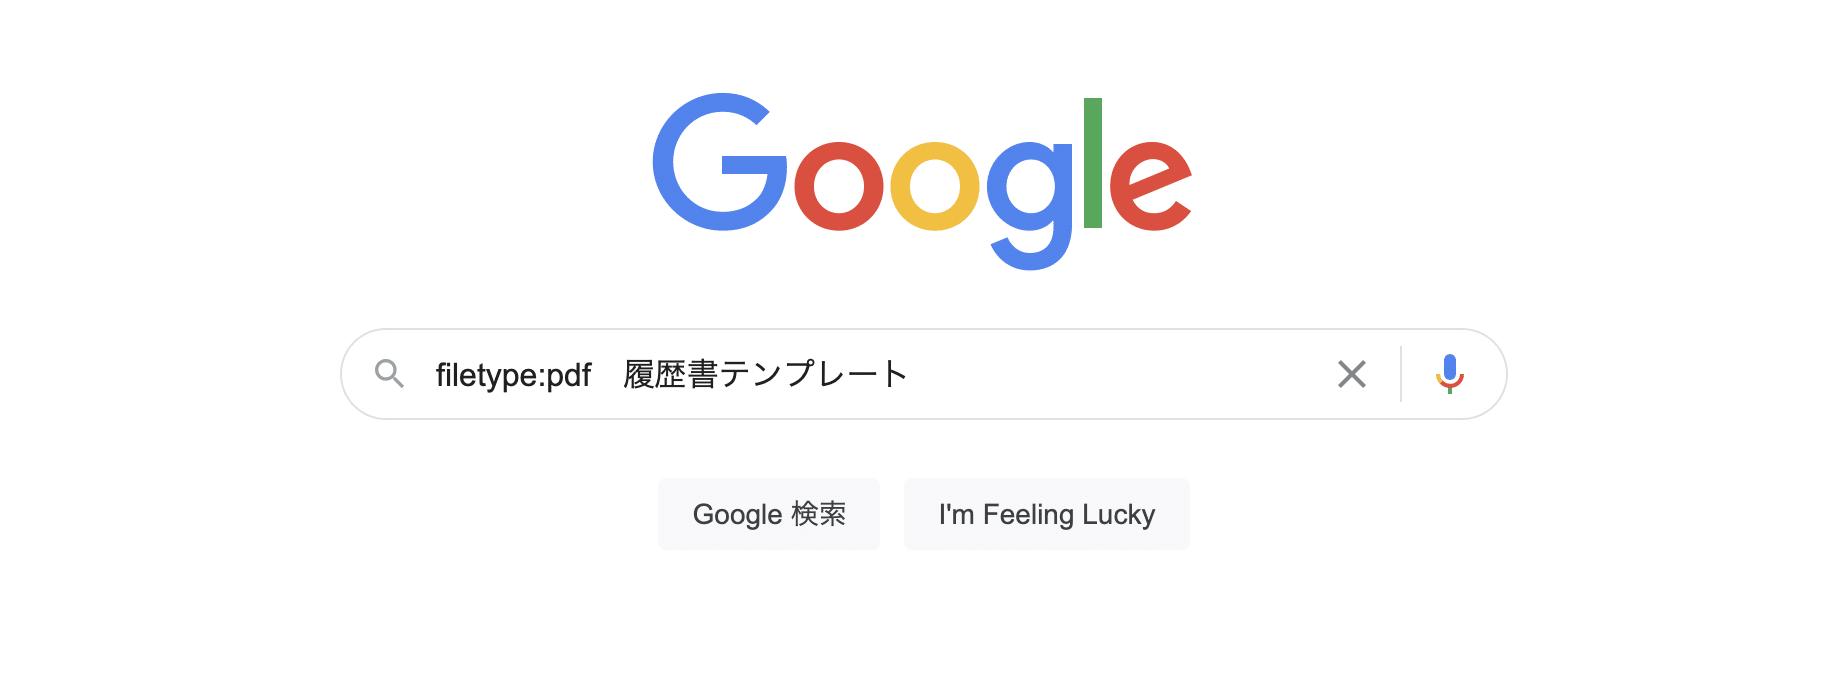 ファイルを検索する